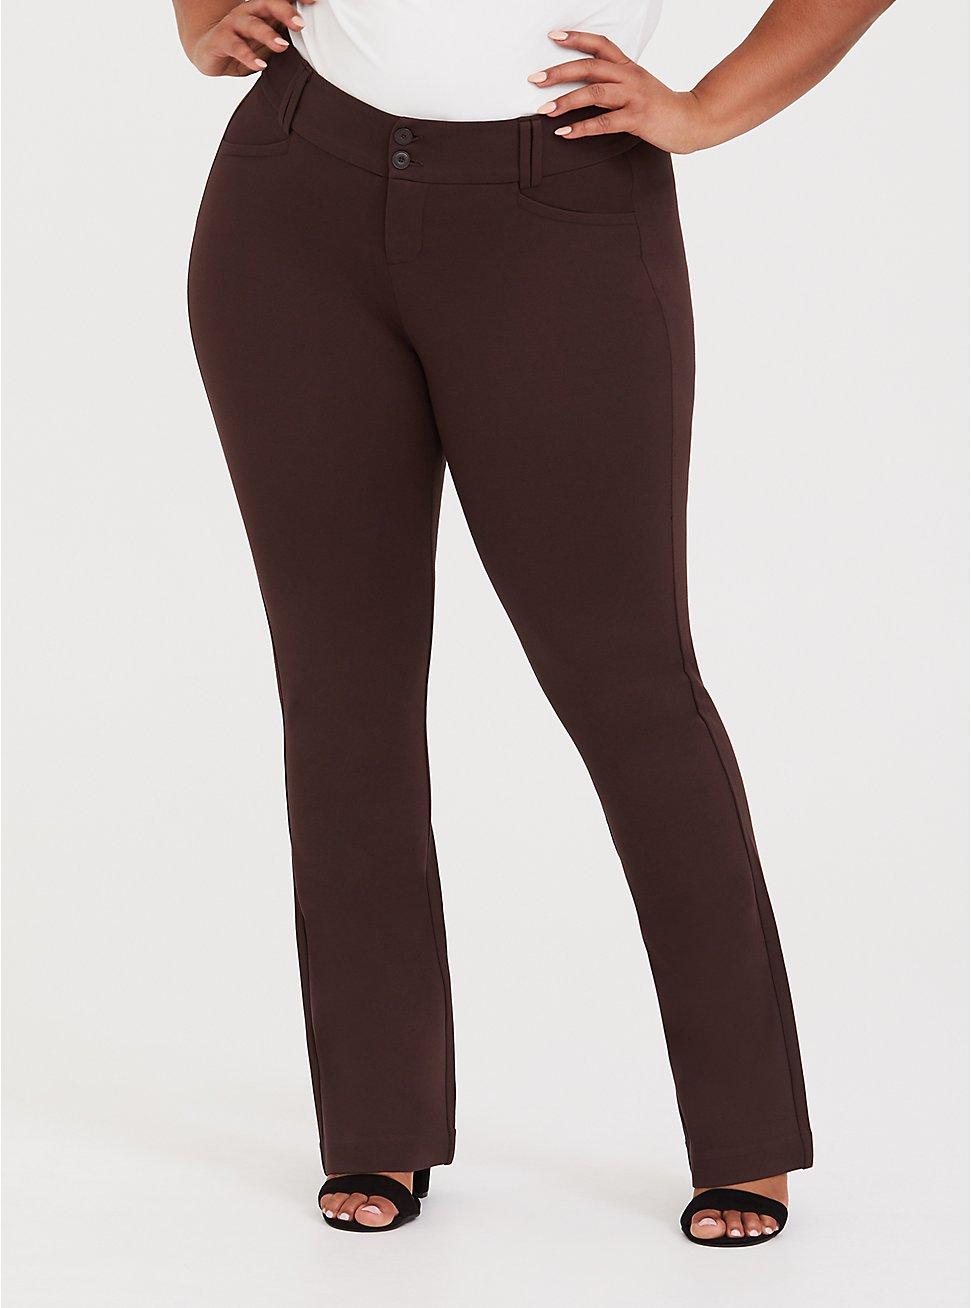 Studio Signature Stretch Chocolate Brown Premium Ponte Trouser, BROWN, hi-res